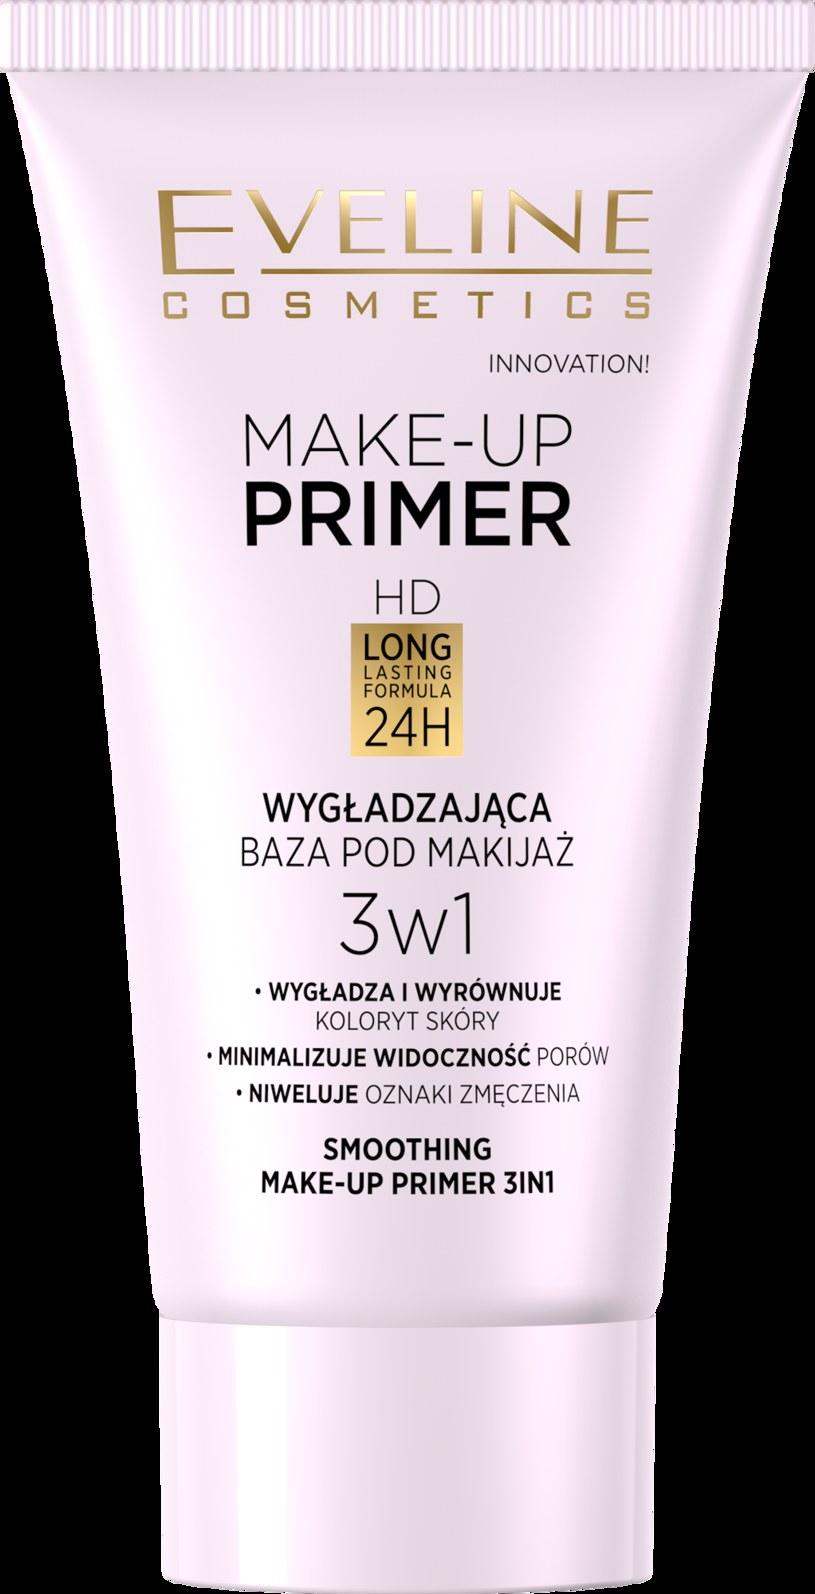 Make-up primer wygładzająca baza pod makijaż 3w1 /INTERIA/materiały prasowe